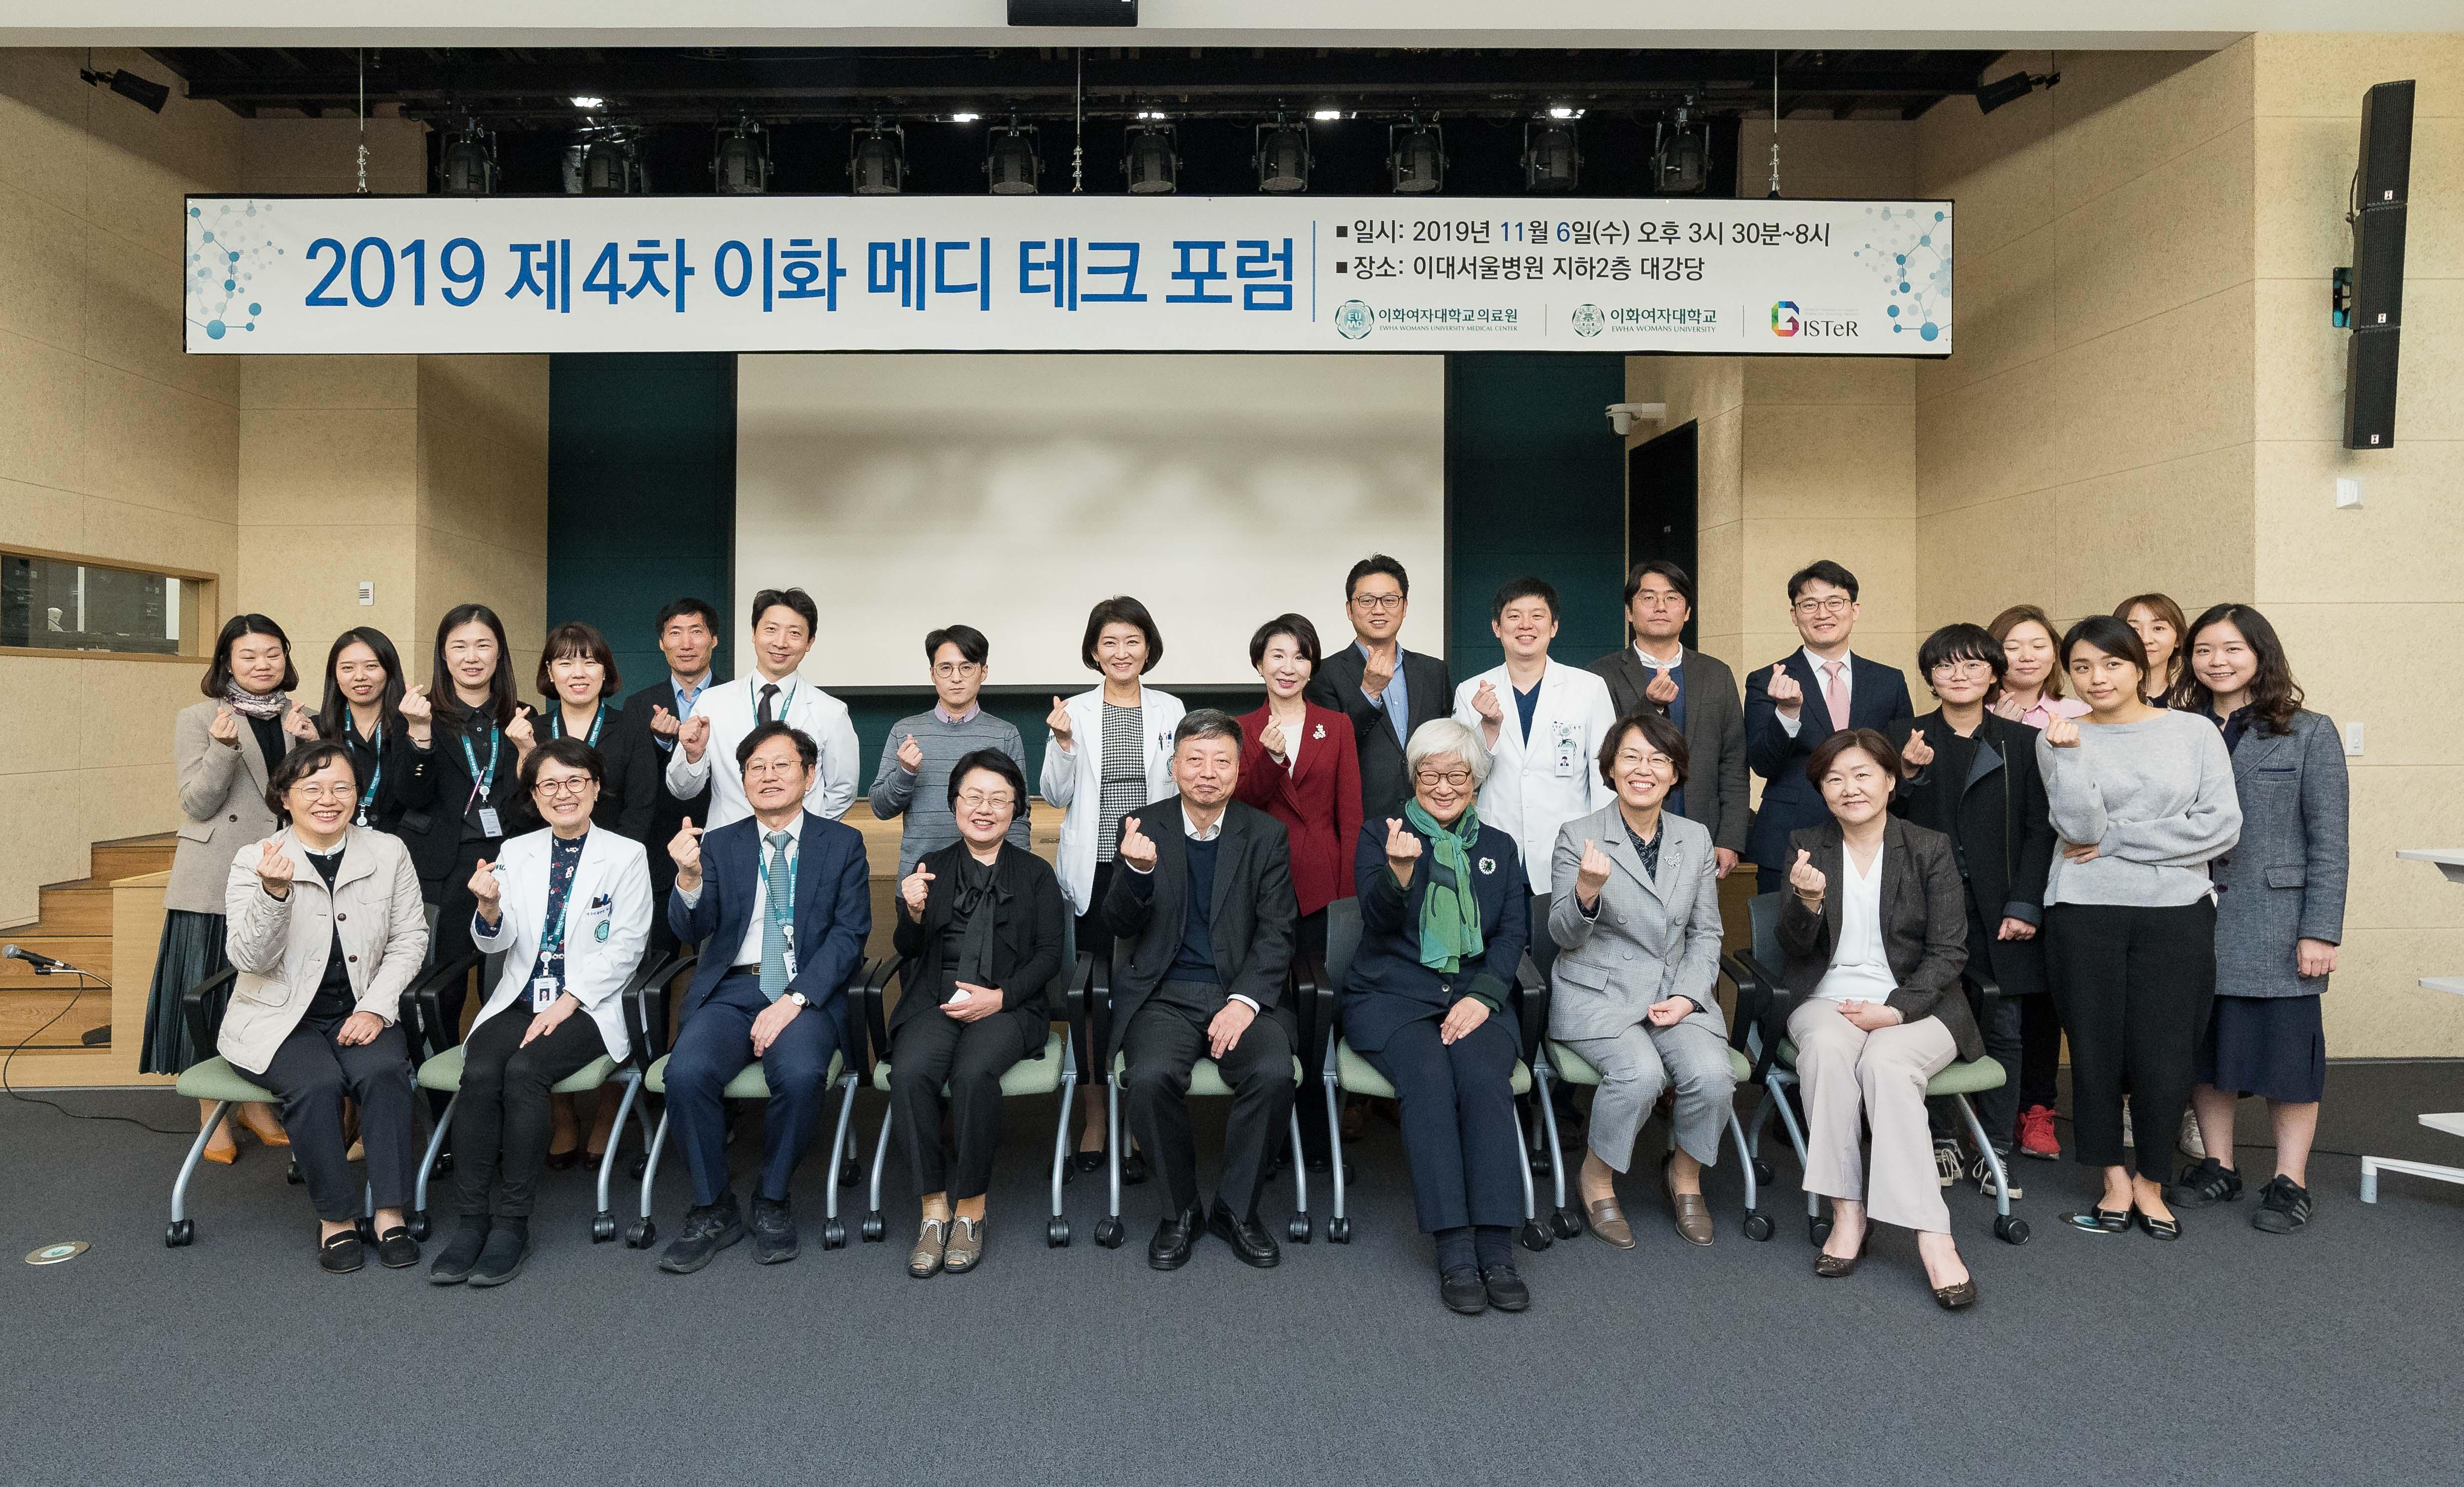 2019.11.06 <제4차 이화메디테크포럼>개최